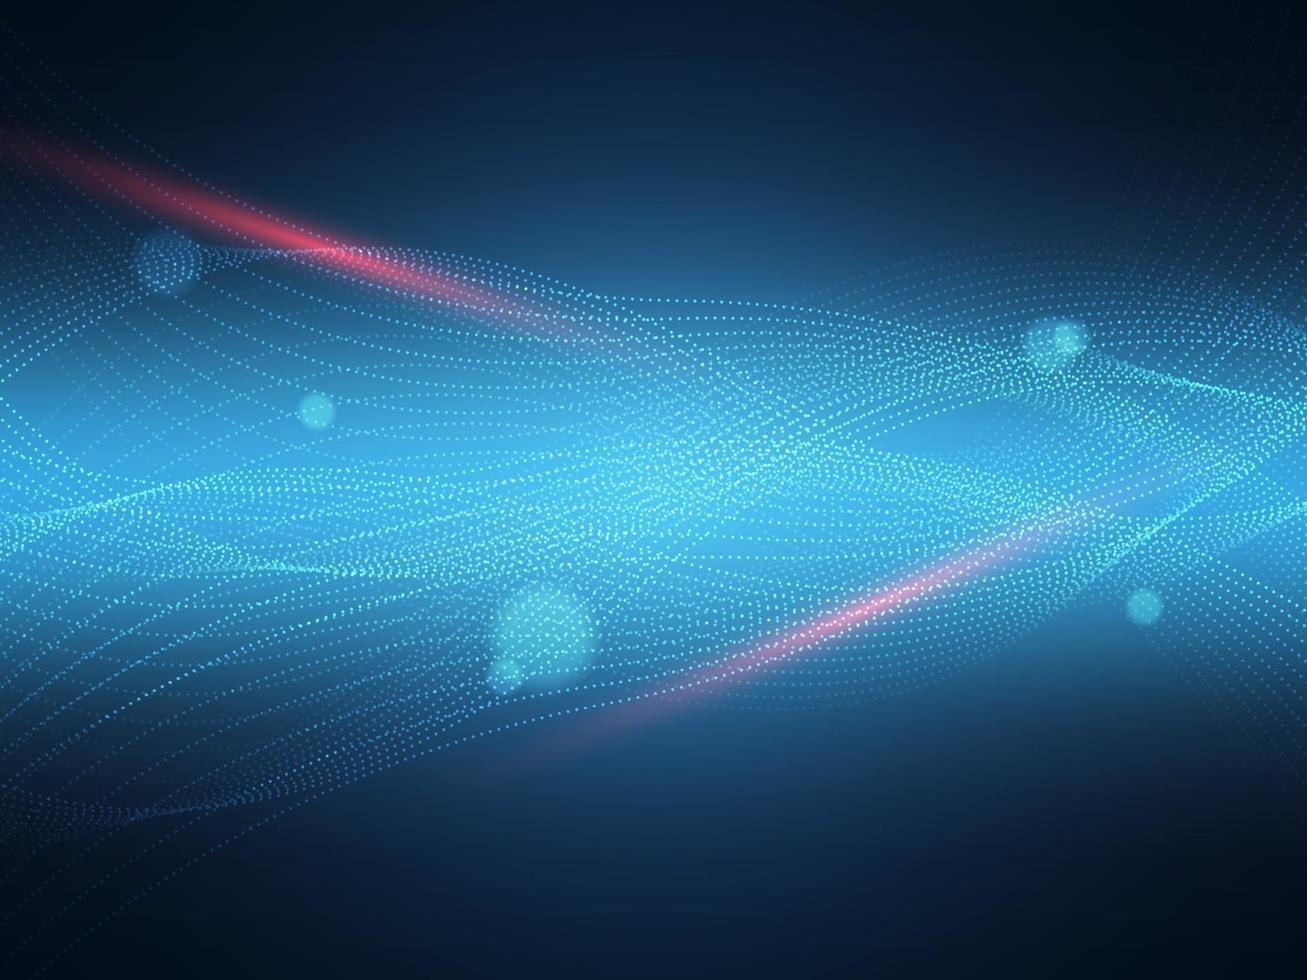 iluminação de partículas abstratas, fundo de tecnologia vetor